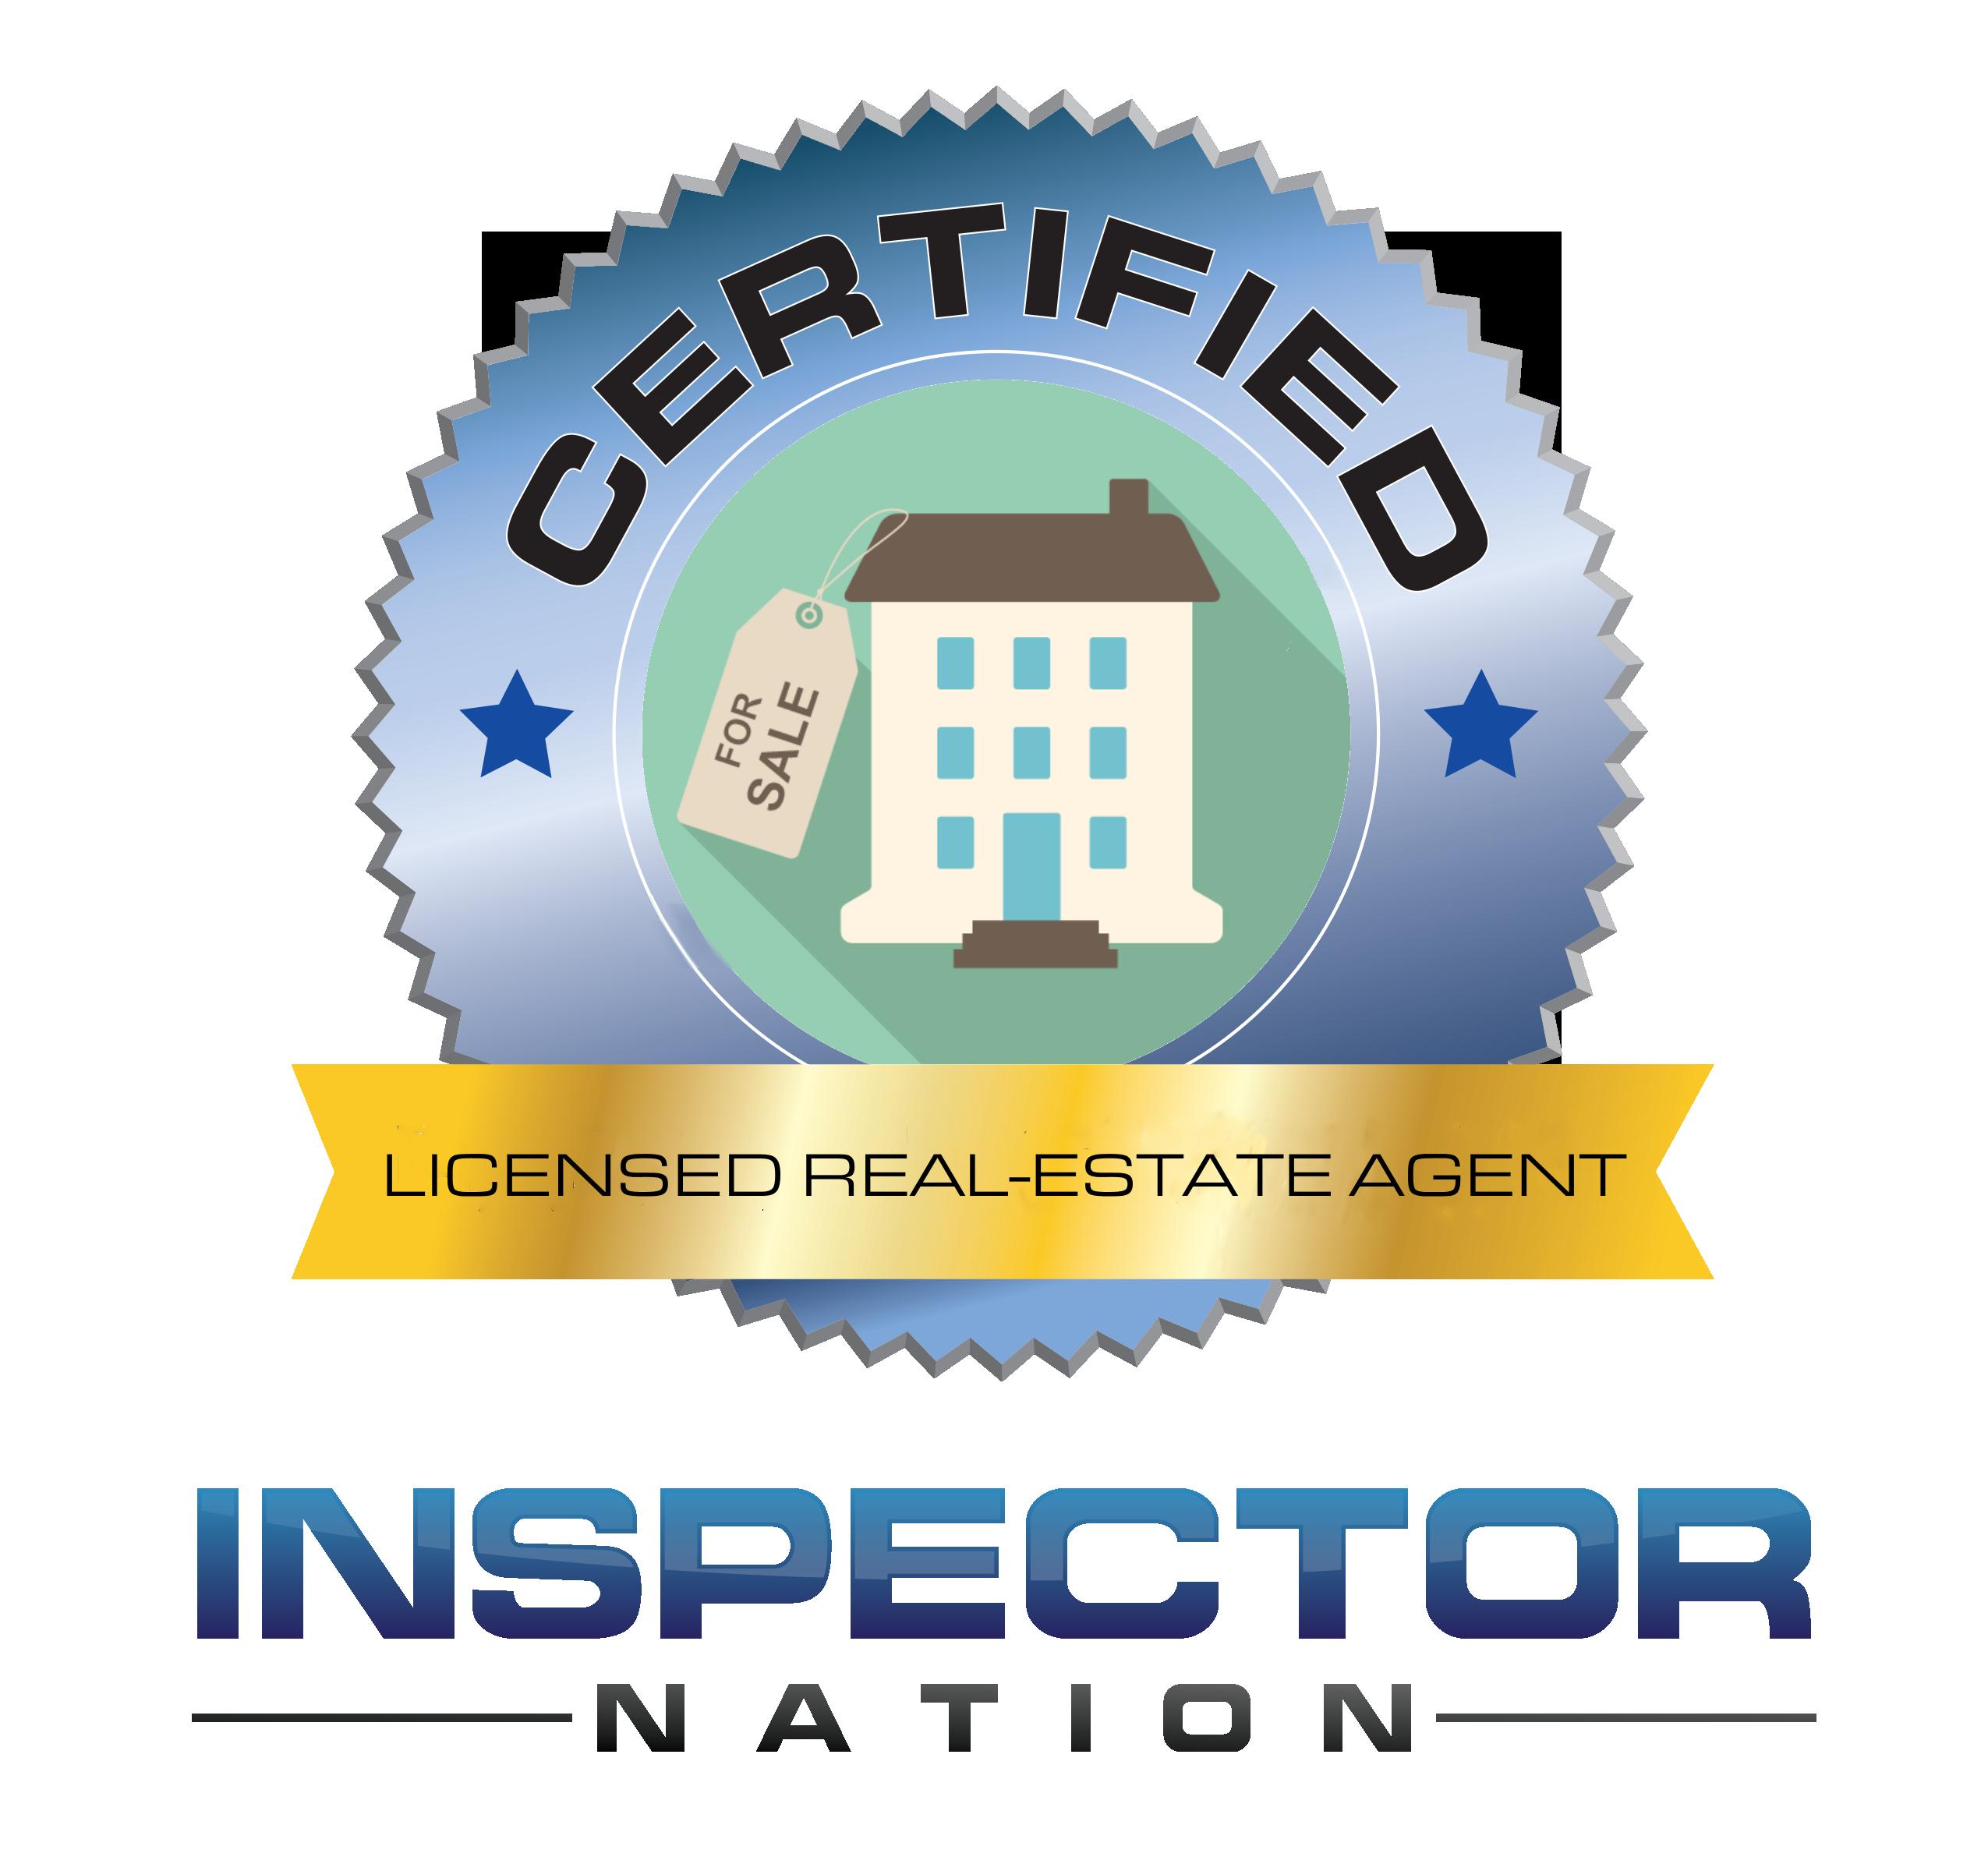 licensed realtor real estate agent inspector nation certified home inspector badge emblem icon